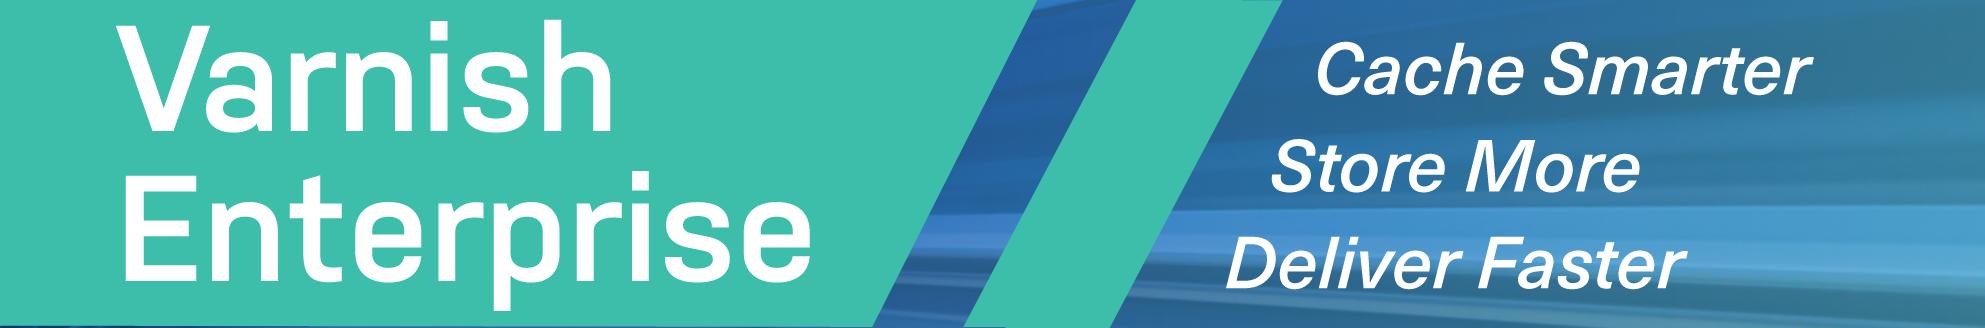 Varnish Enterprise Banner 4